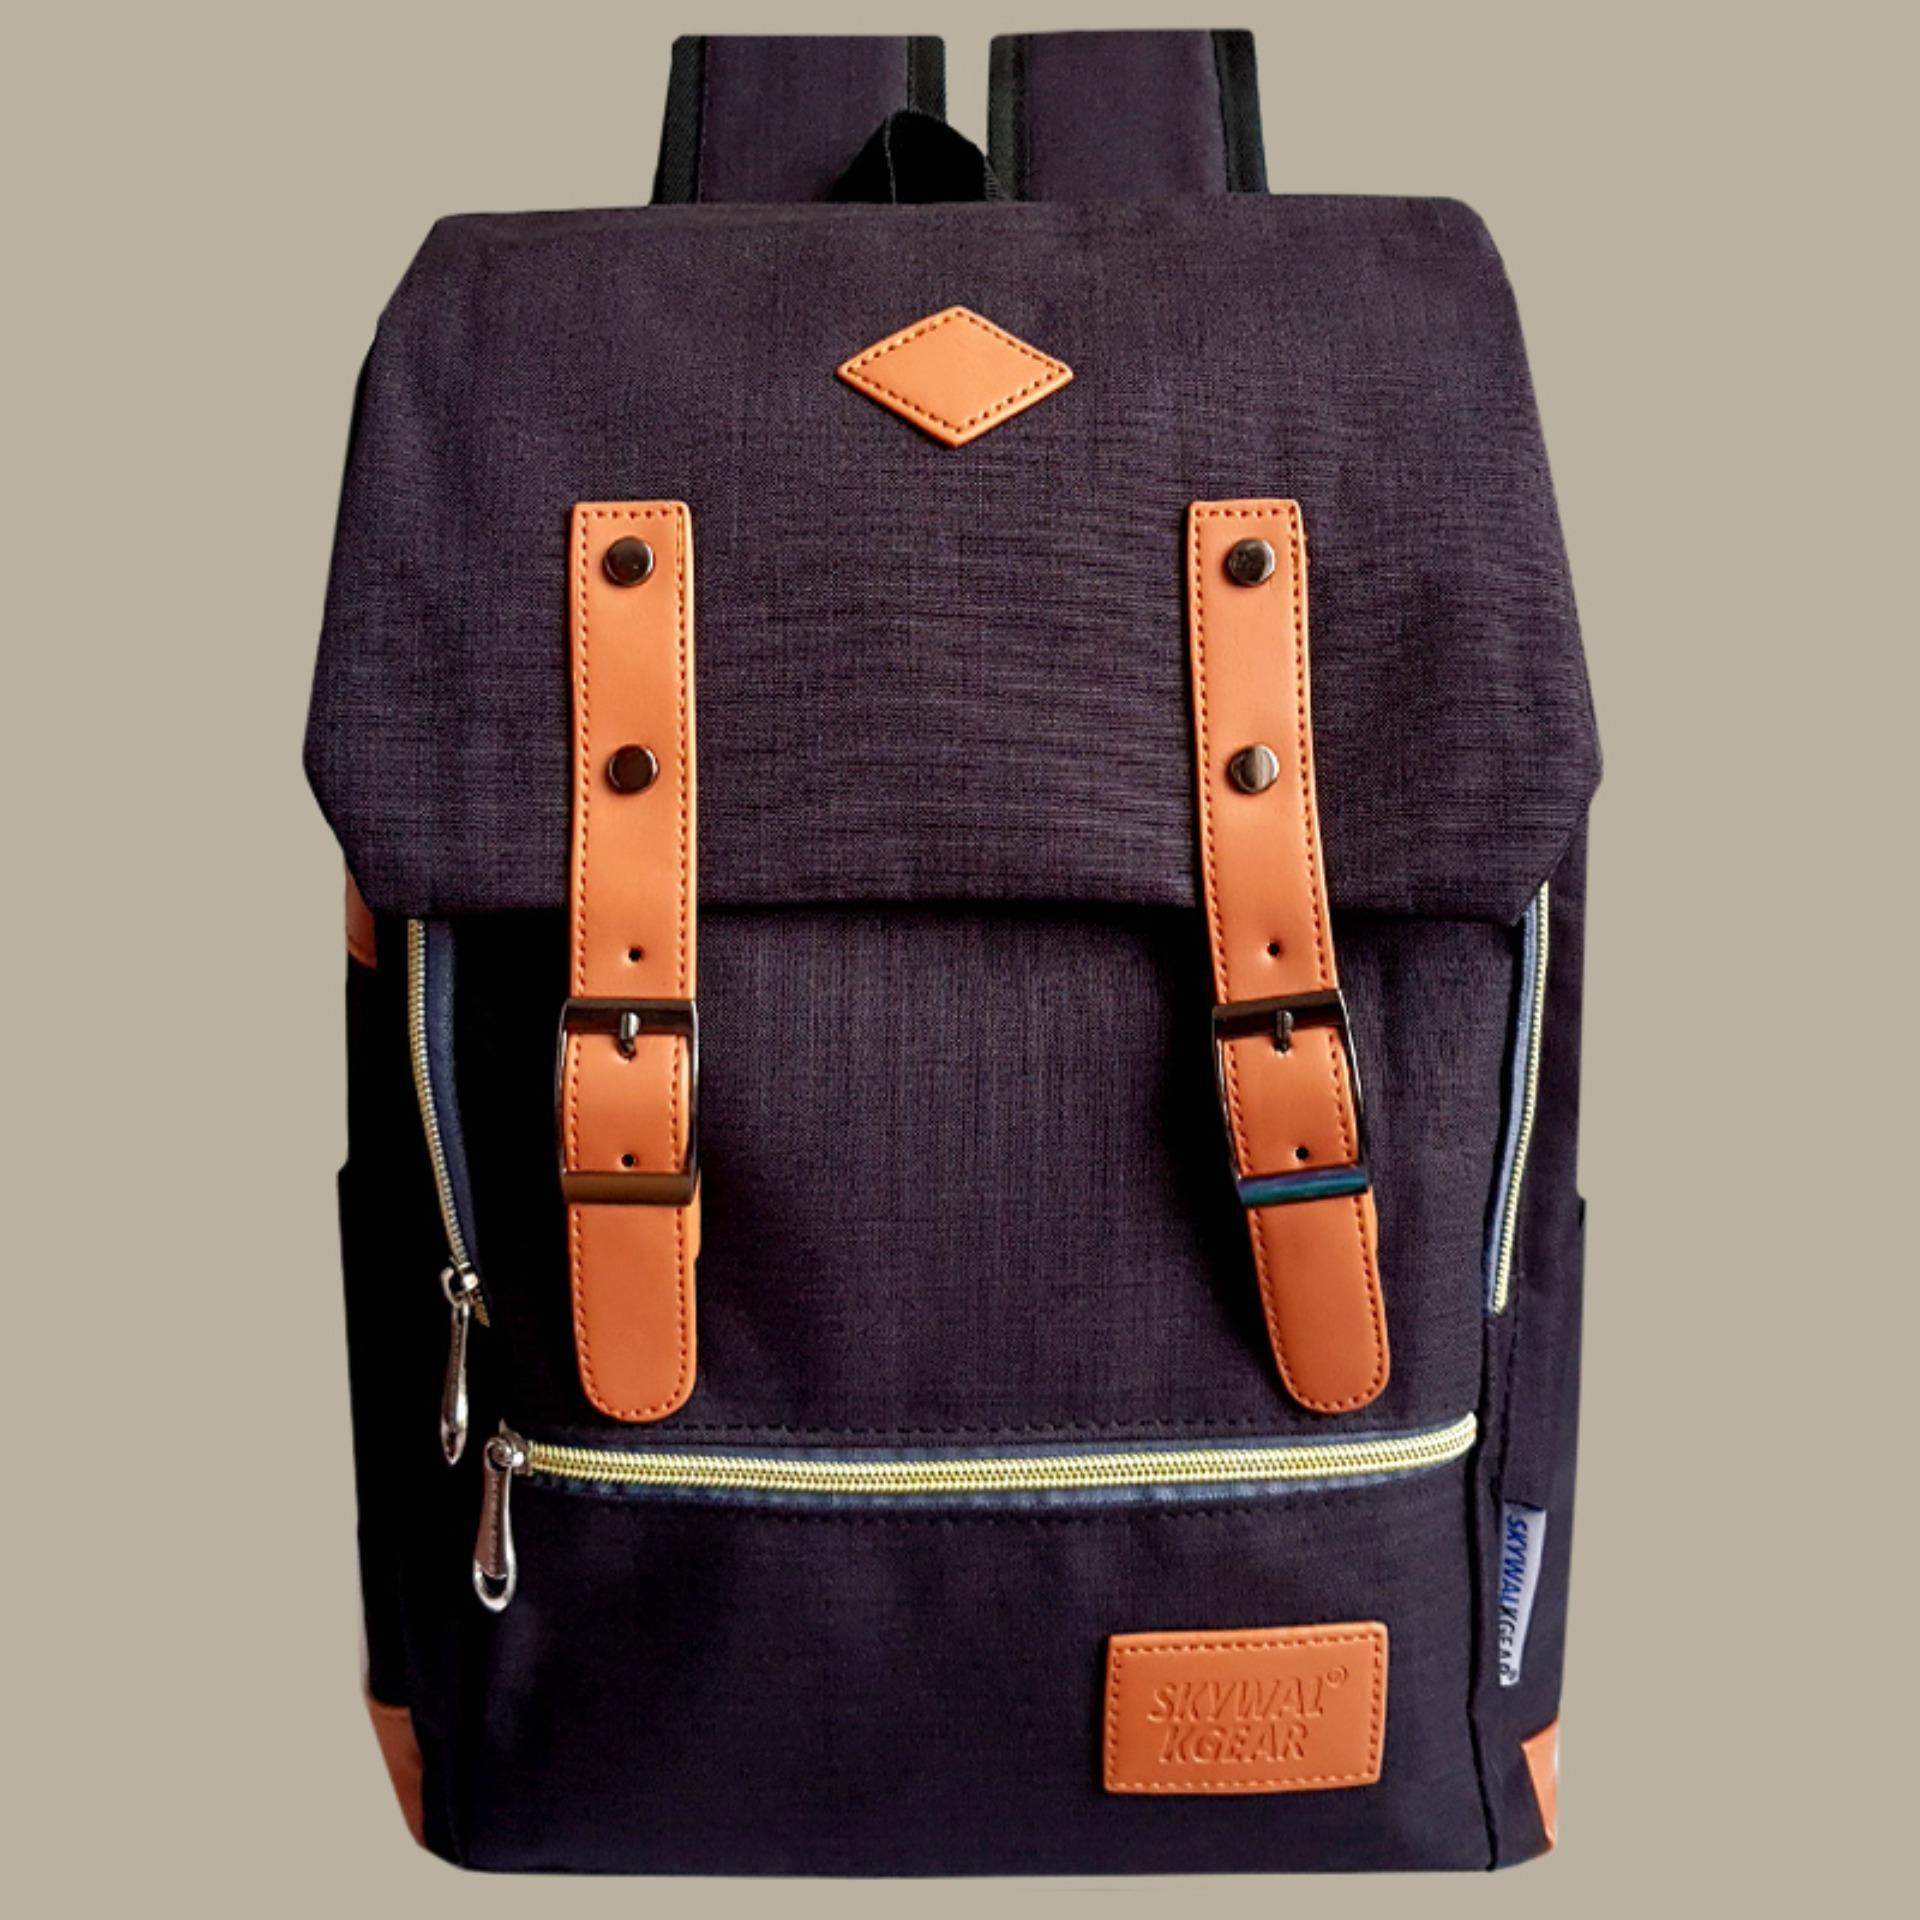 Garsel Tas Ransel Backpack Sekolah Kuliah Kerja 3 in 1 CantikMultifungsi FAT5214 - Hitam. Source